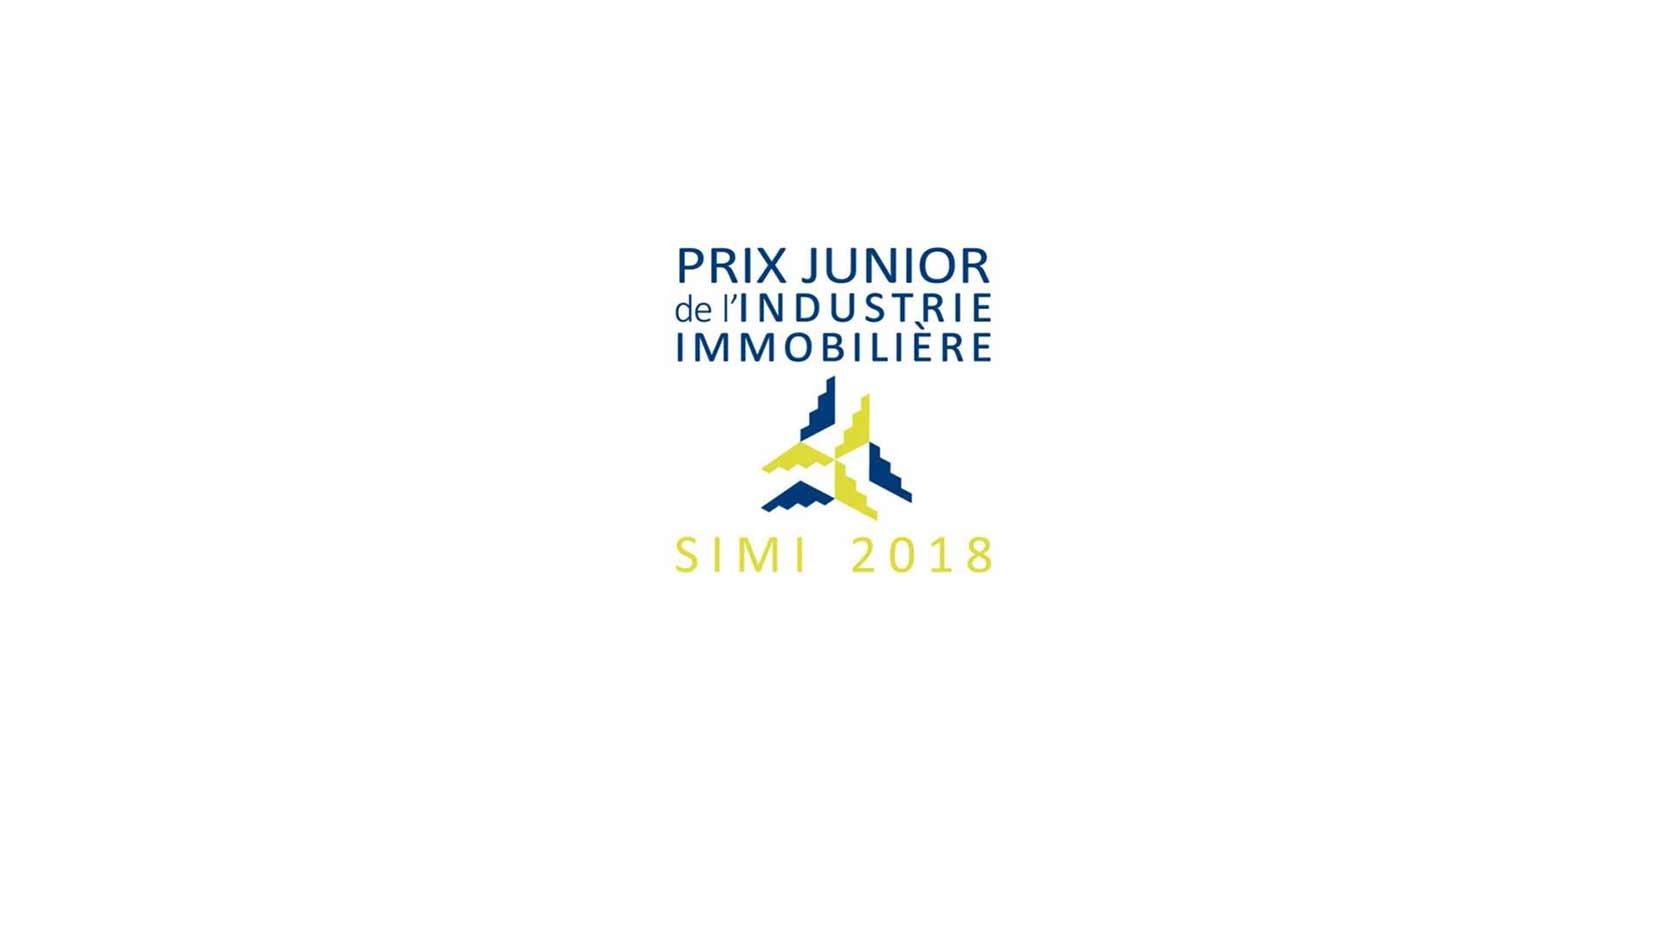 Tout ce qu'il faut savoir sur le Prix Junior de l'Industrie Immobilière 2018, présidé par GA Smart Building